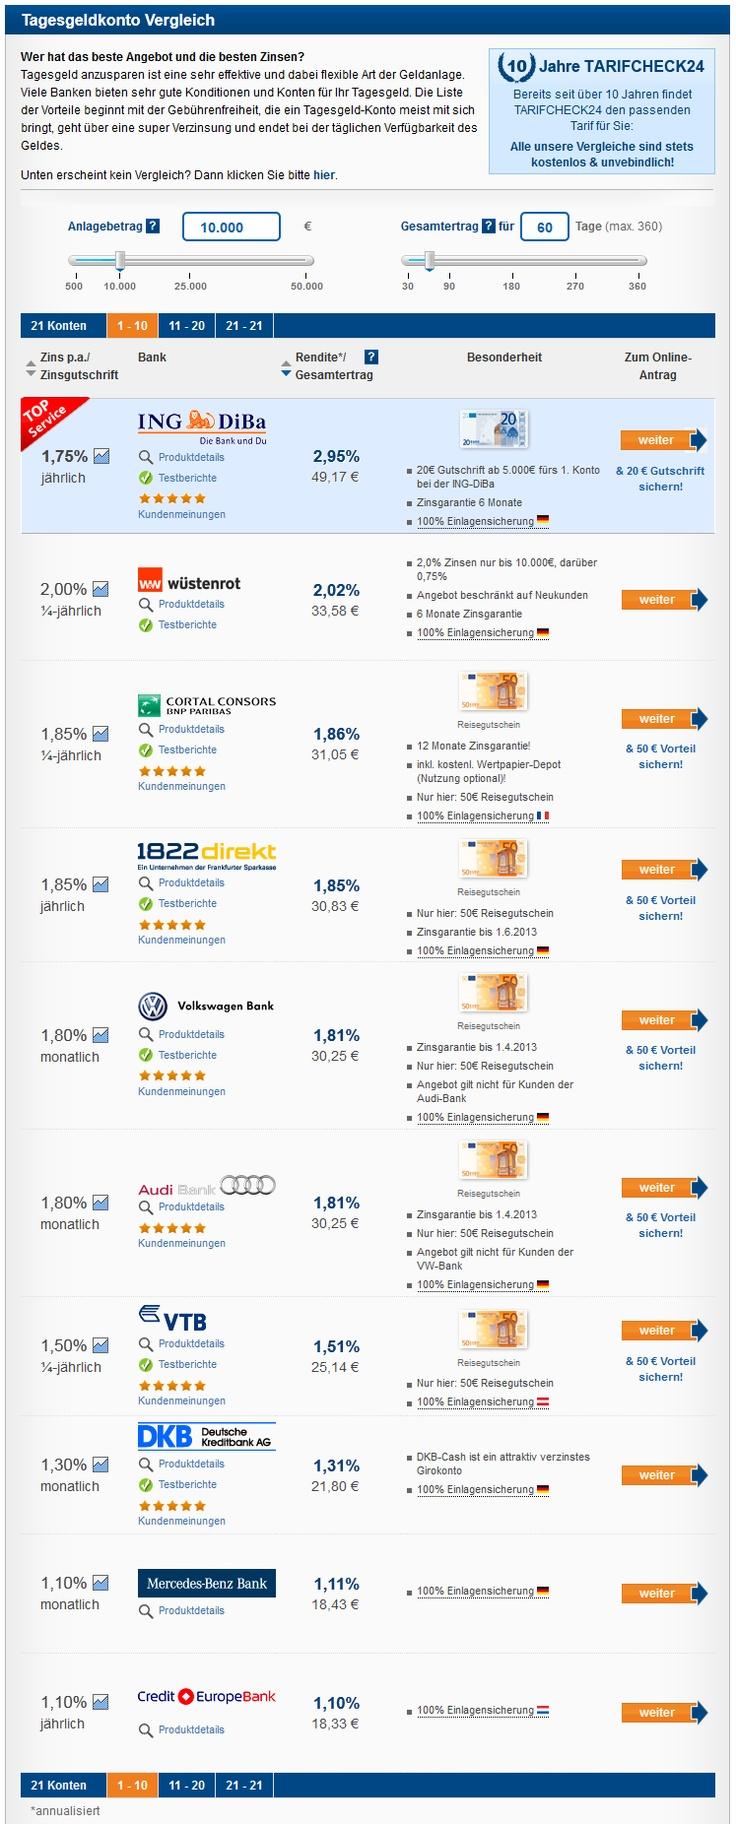 Tagesgeldkonto Vergleich: Wer hat das beste Angebot und die besten Zinsen? http://www.tarifcheck24.com/tagesgeld/vergleich/